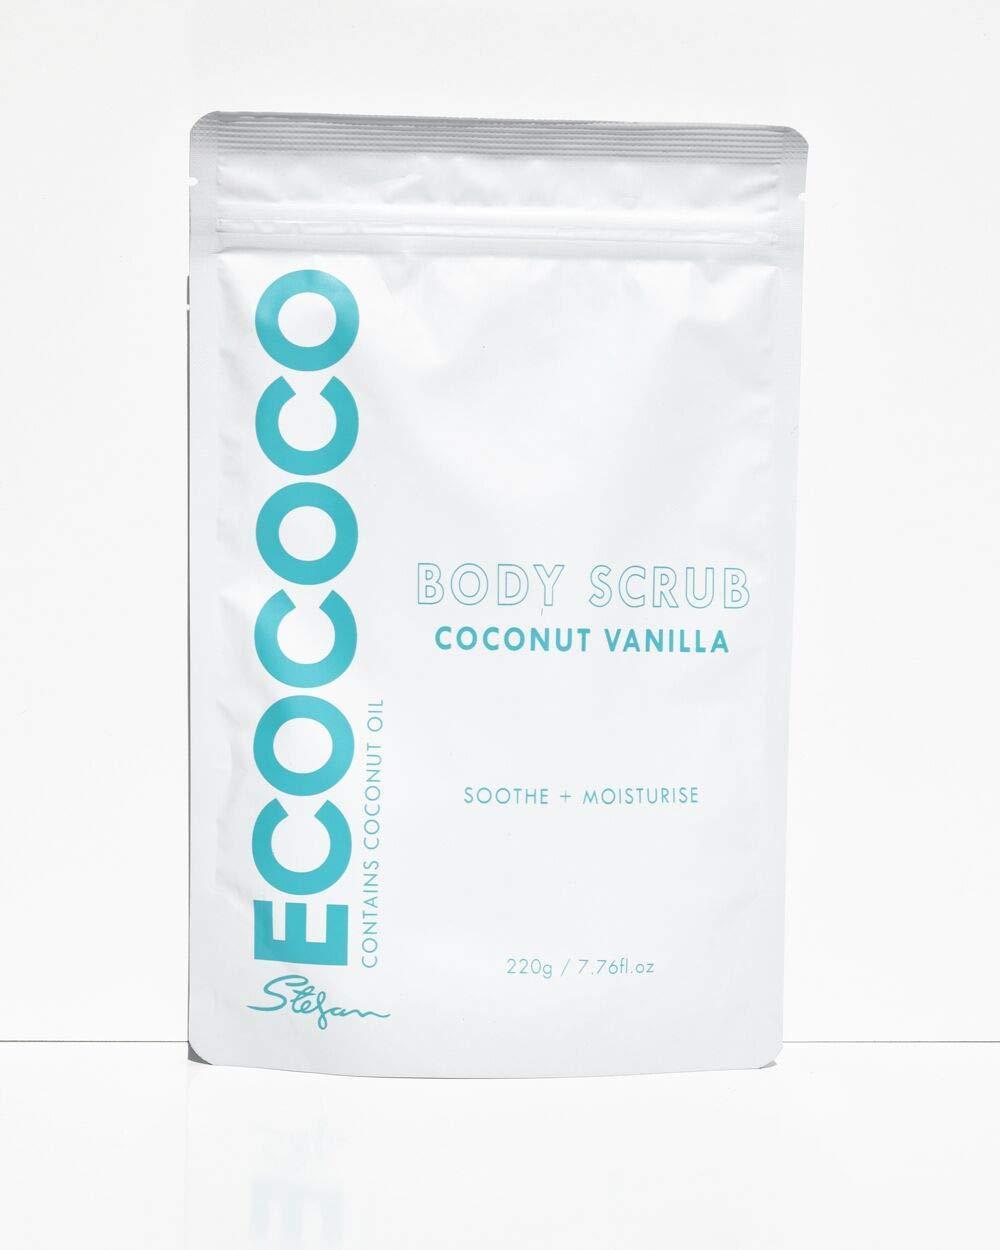 Соляной скраб для тела с экстрактом кокоса и ванилью Ecococo Coconut Vanilla Body Scrub